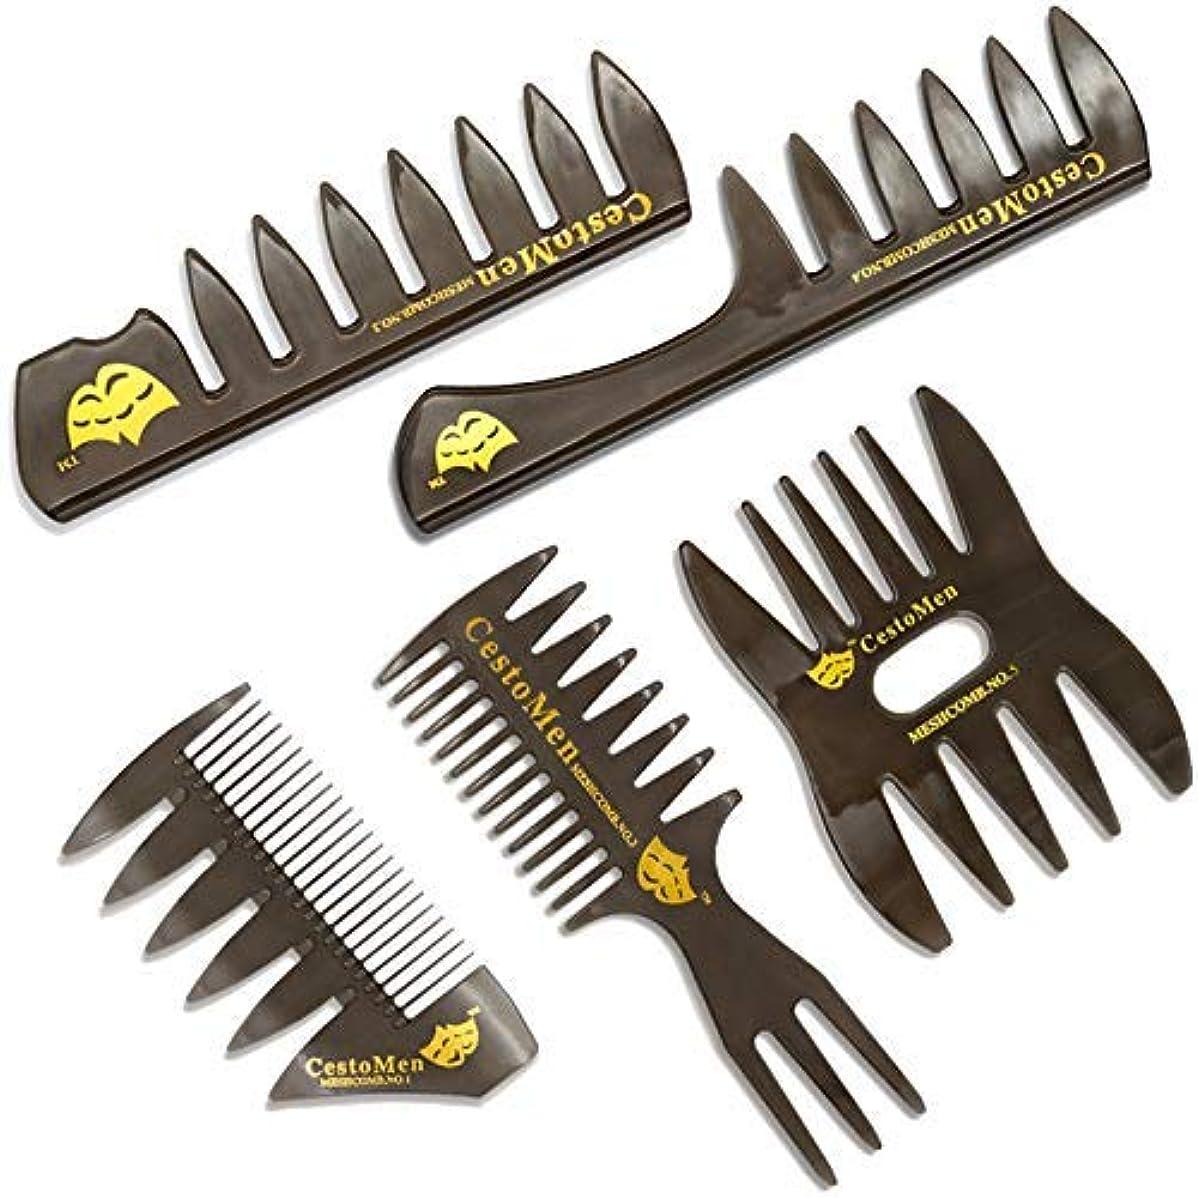 こっそりアーク元気5 PCS Hair Comb Styling Set Barber Hairstylist Accessories - Professional Shaping & Teasing Wet Combs Tools, Anti Static Hair Brush for Men Boys [並行輸入品]